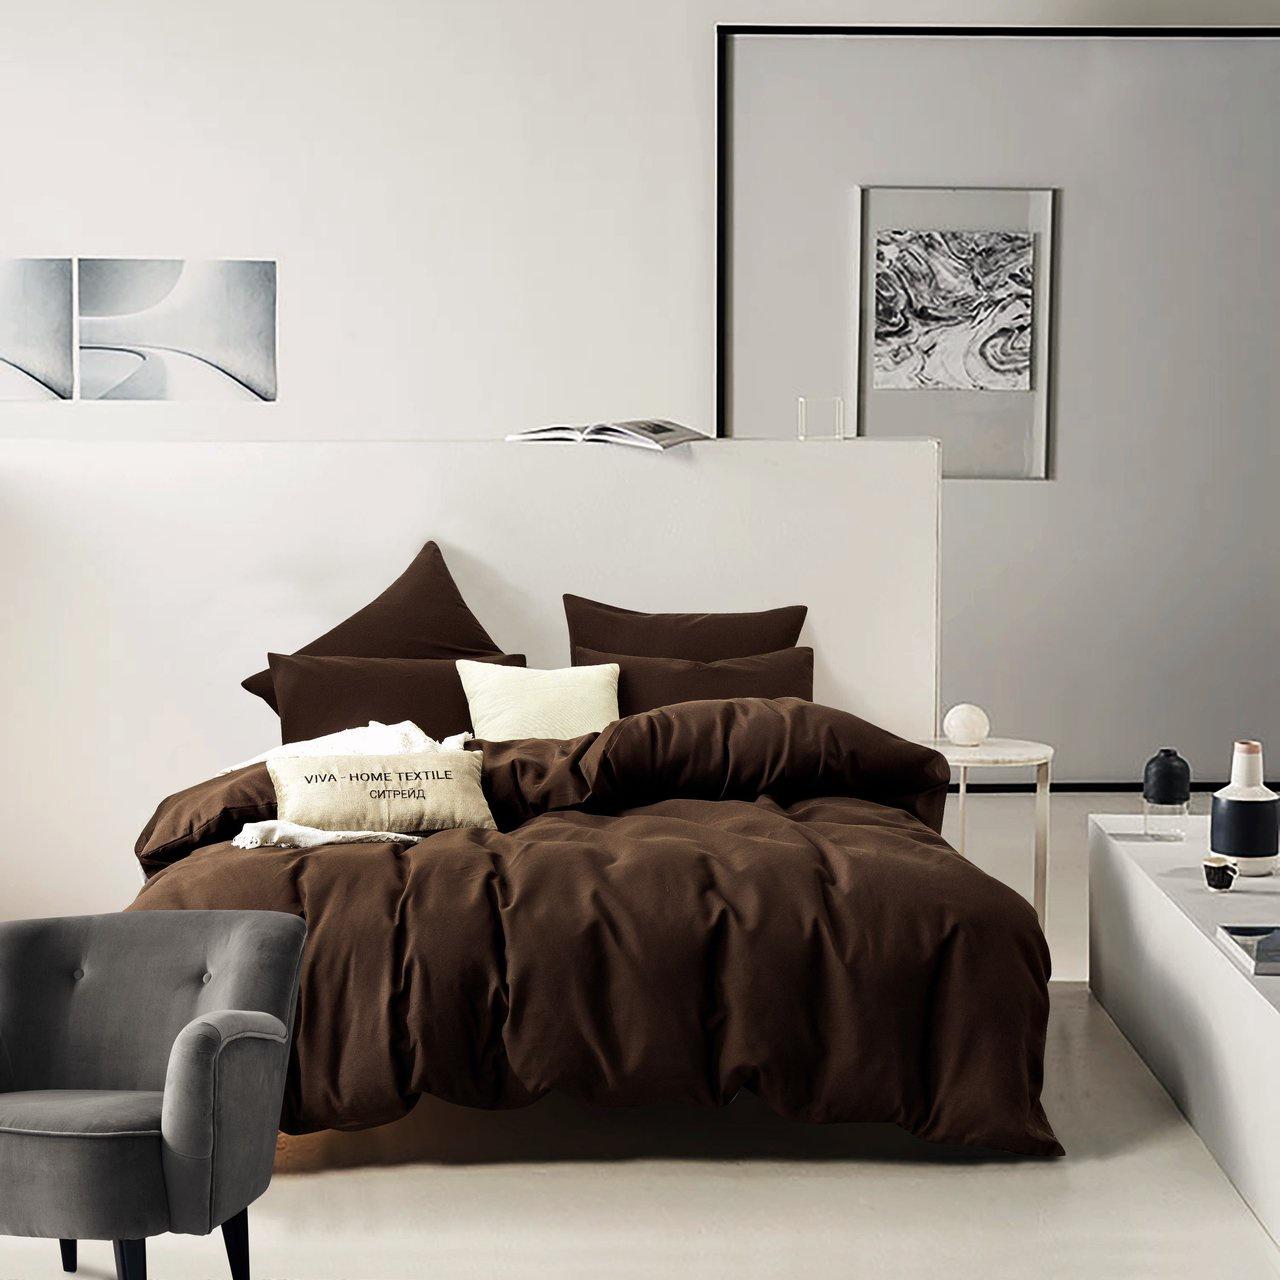 Комплект постельного белья Ситрейд CS029-2 70-70 2 спальный, наволочки 70-70 2 шт комплект постельного белья ситрейд ac053 e 4 евро наволочки 4 шт